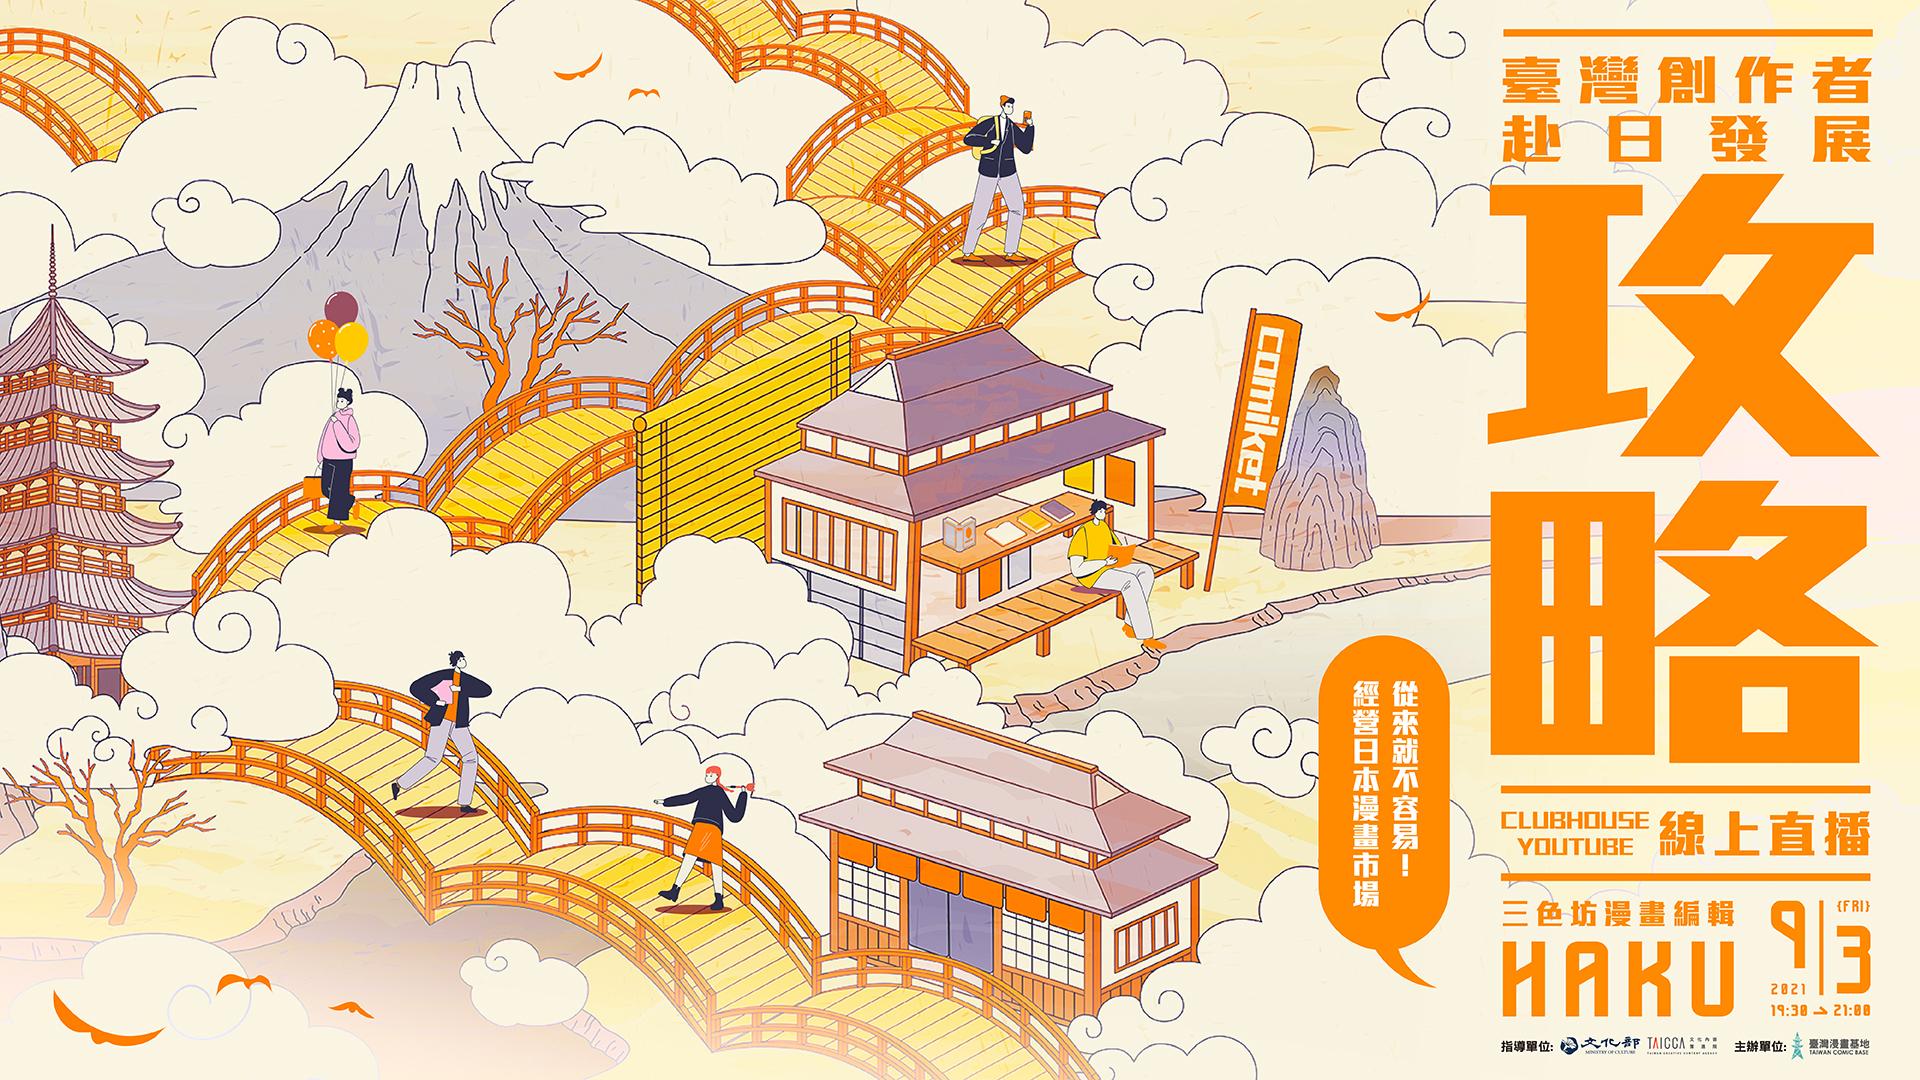 【漫基講堂】經營日本漫畫市場從來就不容易!臺灣創作者赴日發展攻略  (Clubhouse直播)